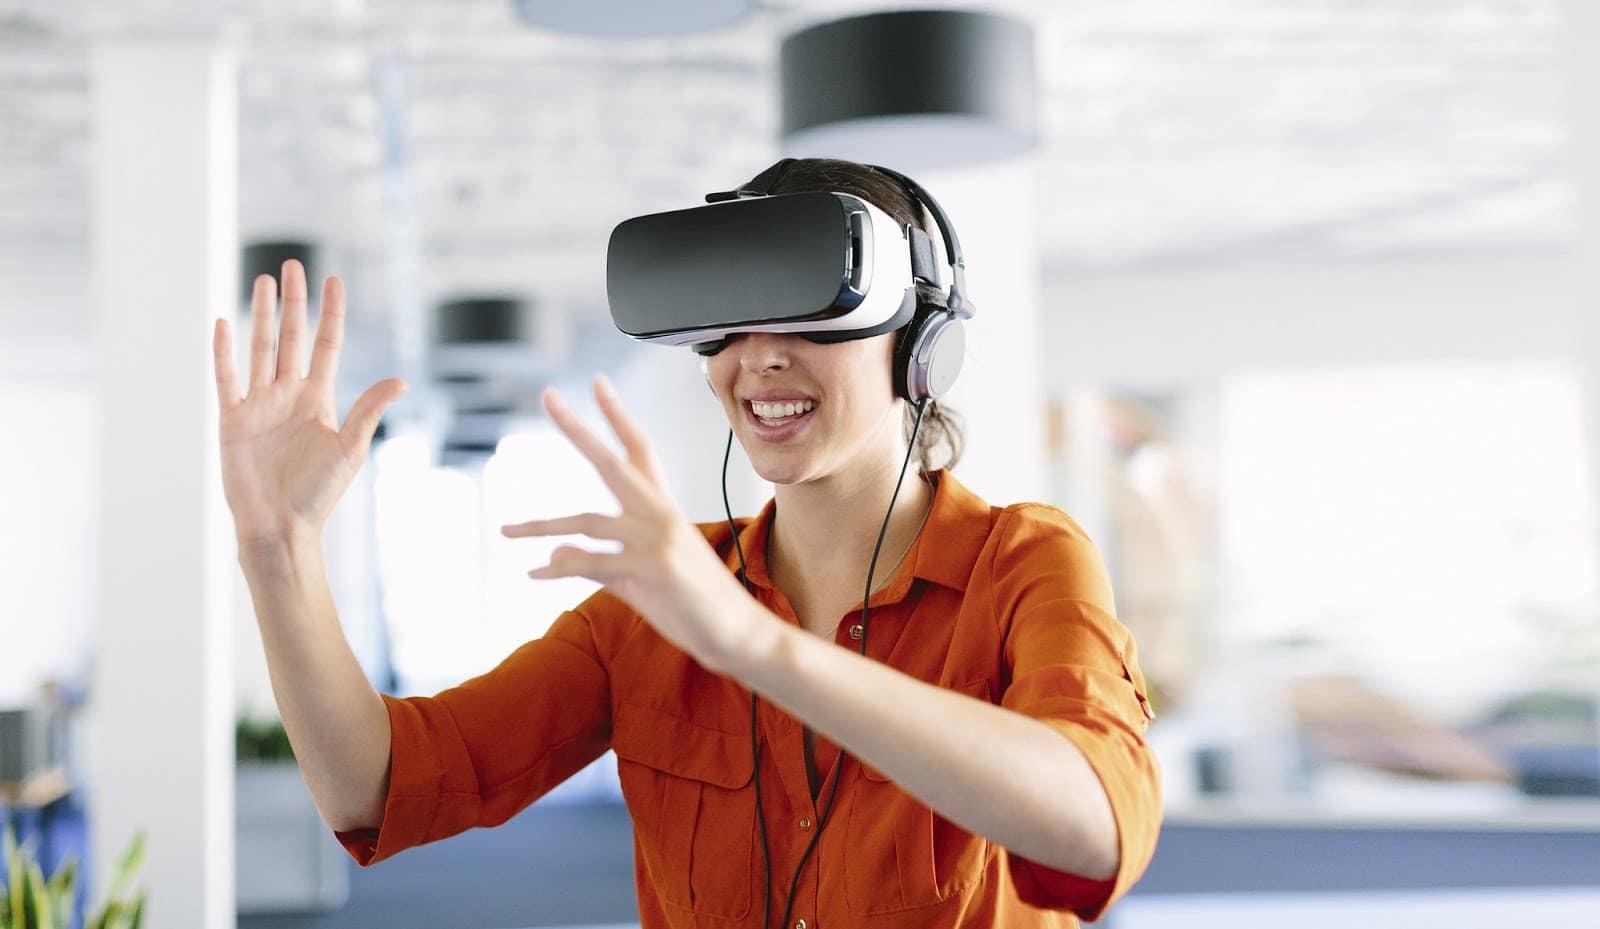 Lanimation de r alit virtuelle bordeaux 2 2